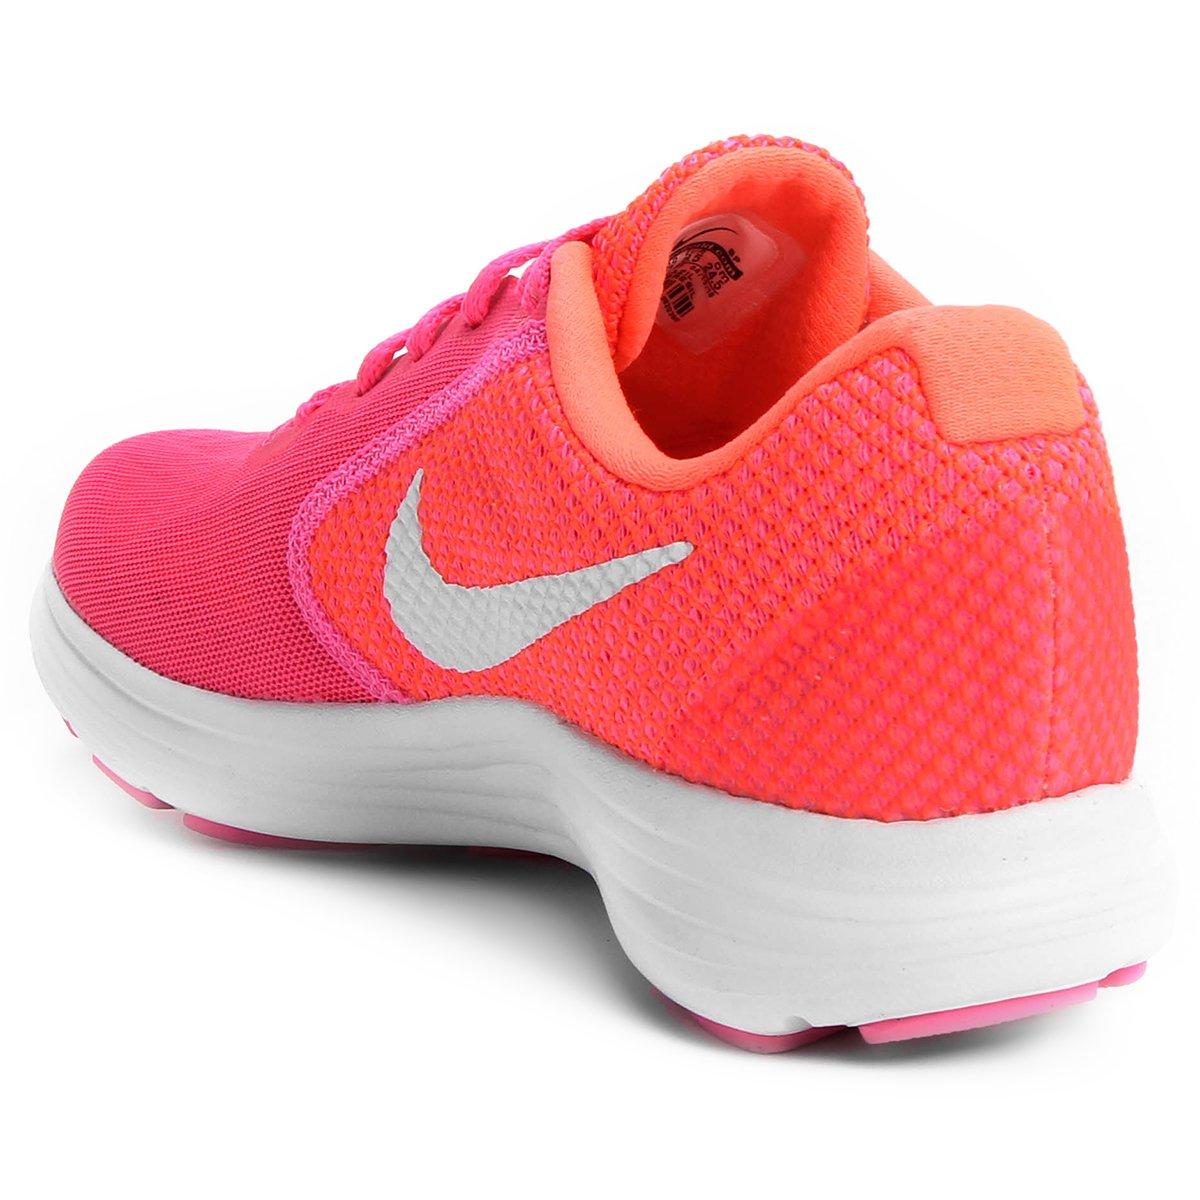 8d7e41243a Tênis Nike Revolution 3 Feminino - Pink e Branco - Compre Agora ...